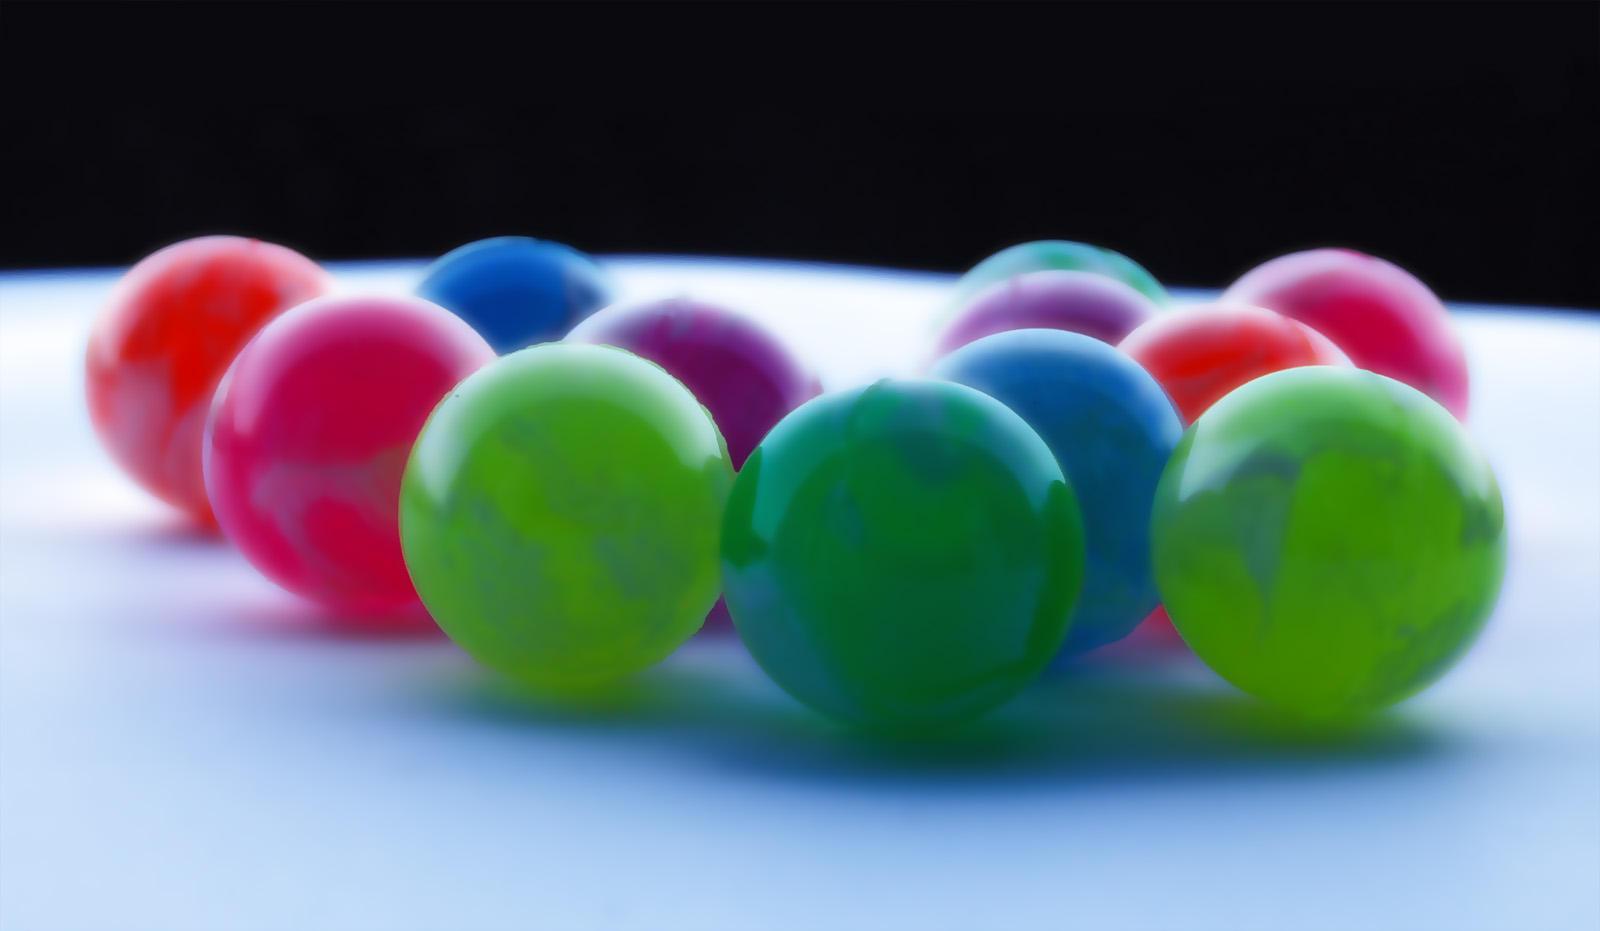 bouncing ballls